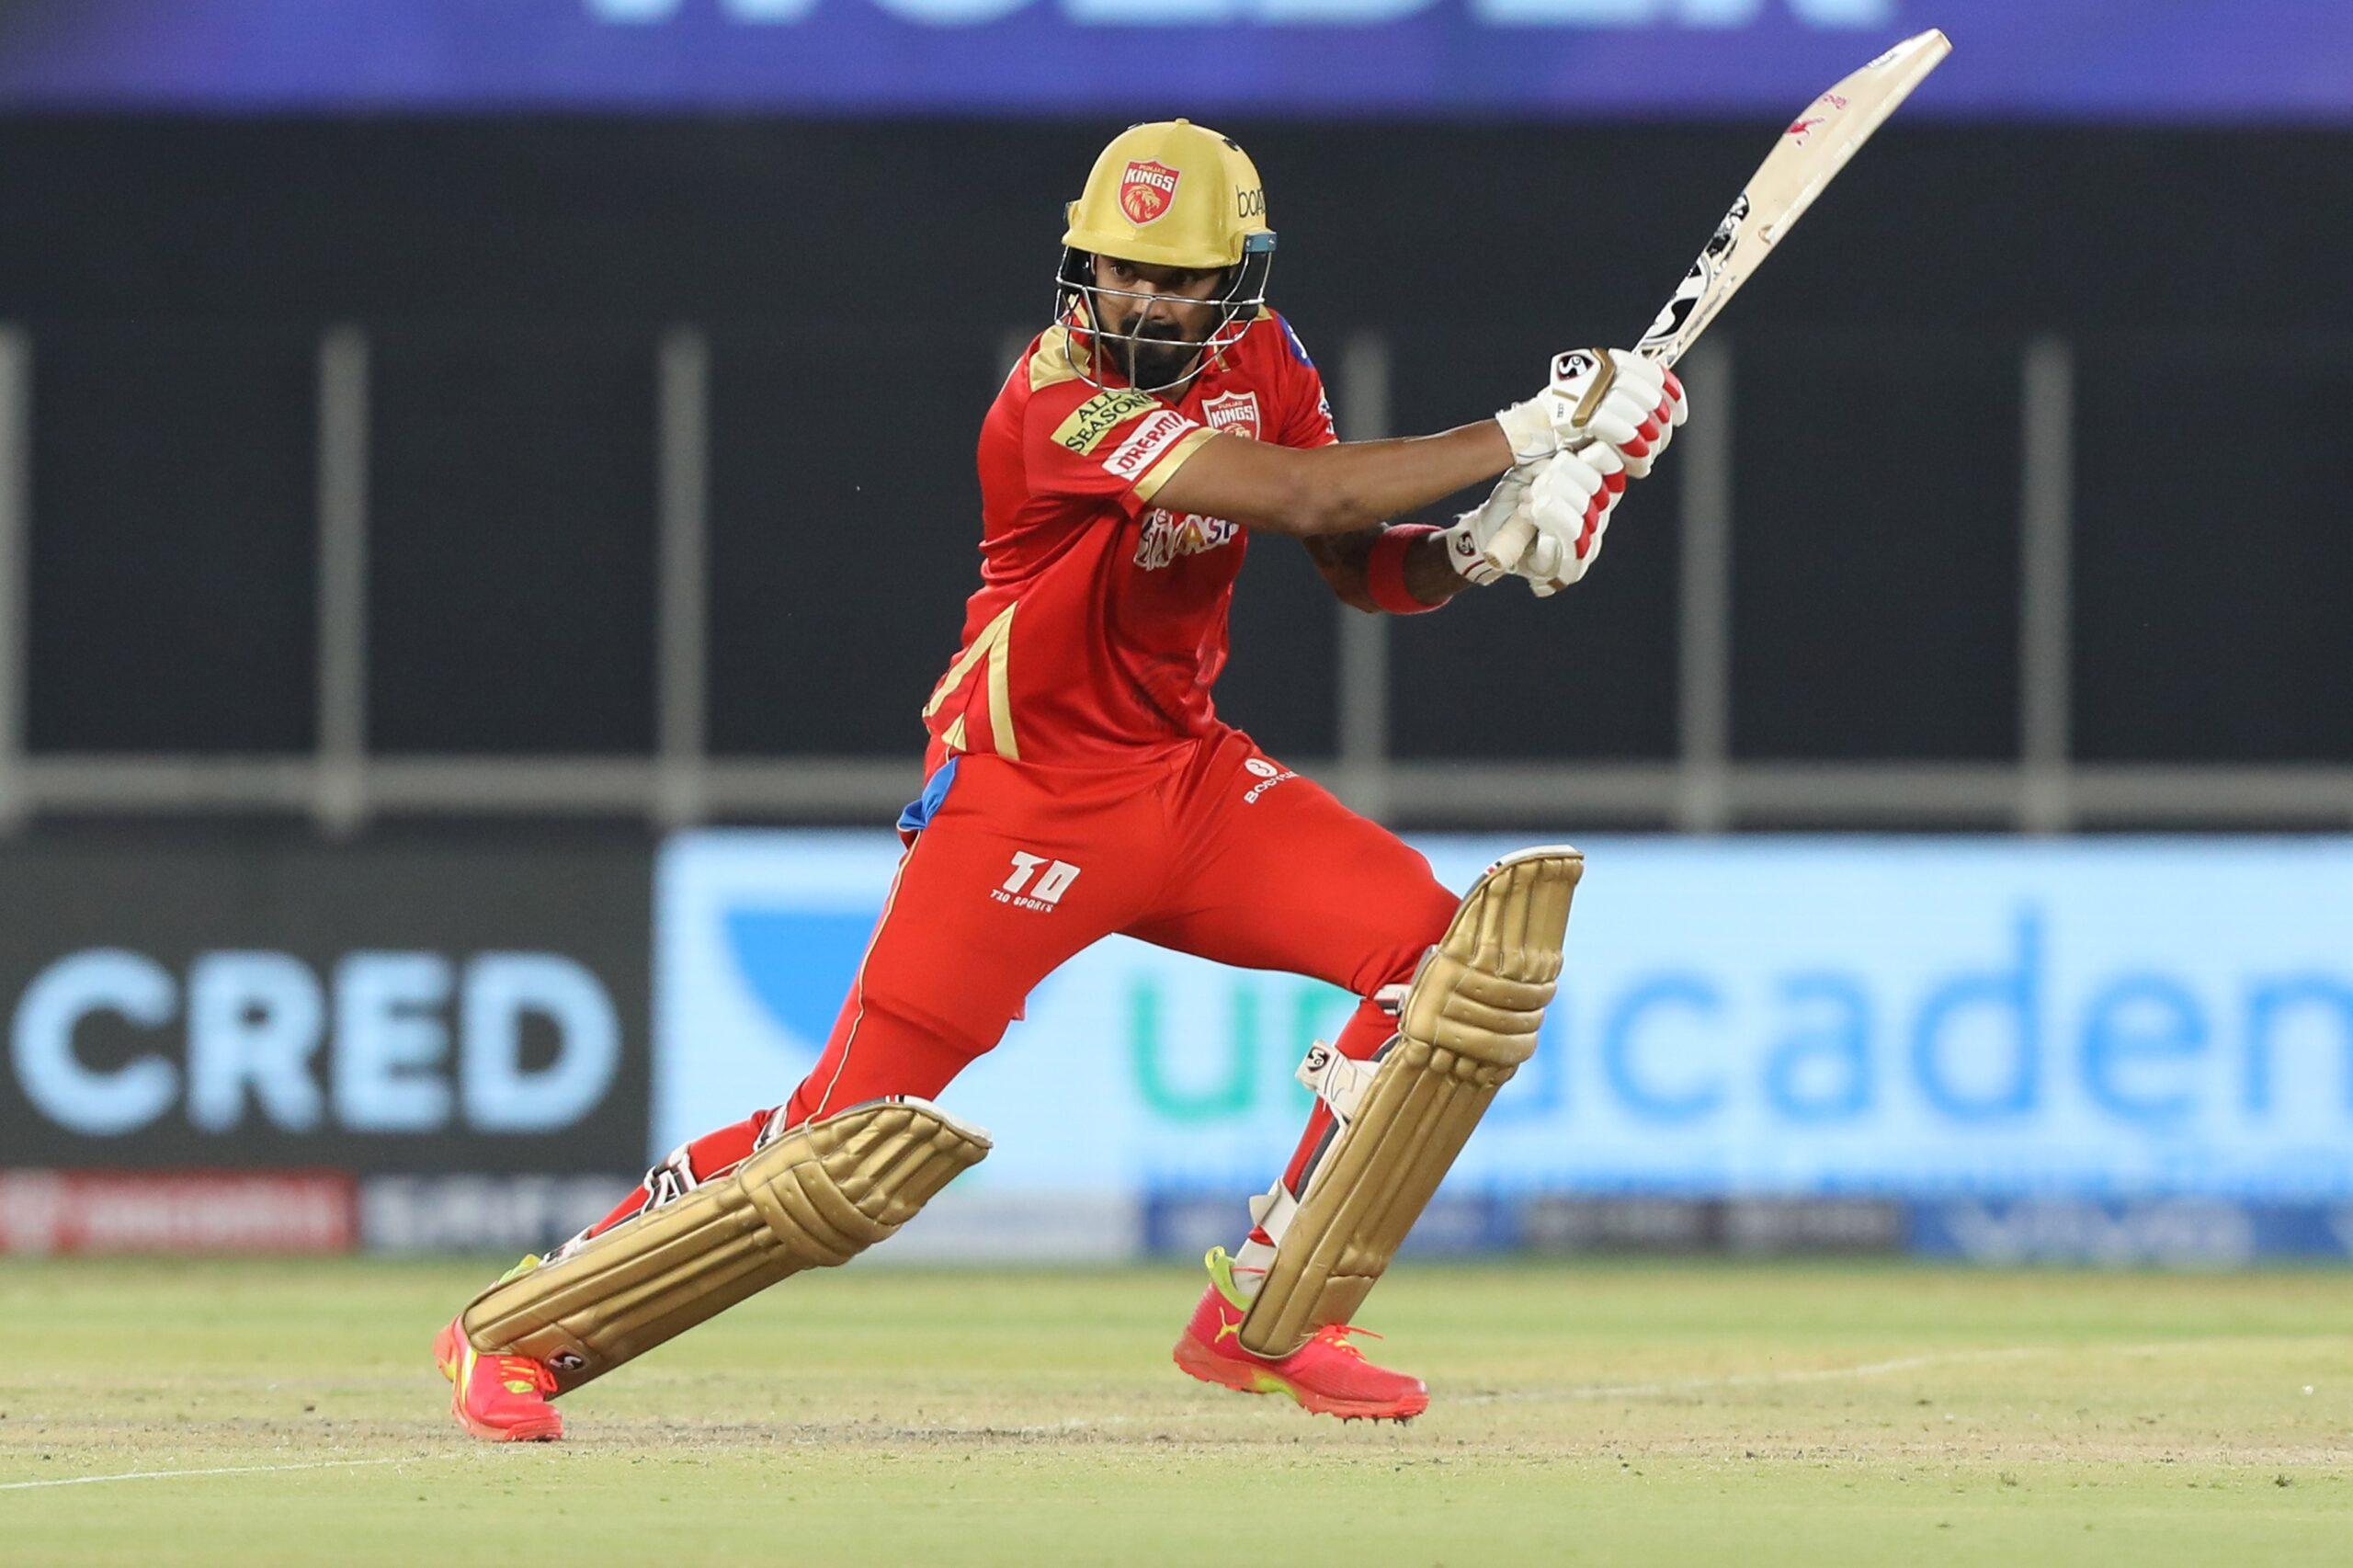 KL Rahul, PBKS, IPL 2021